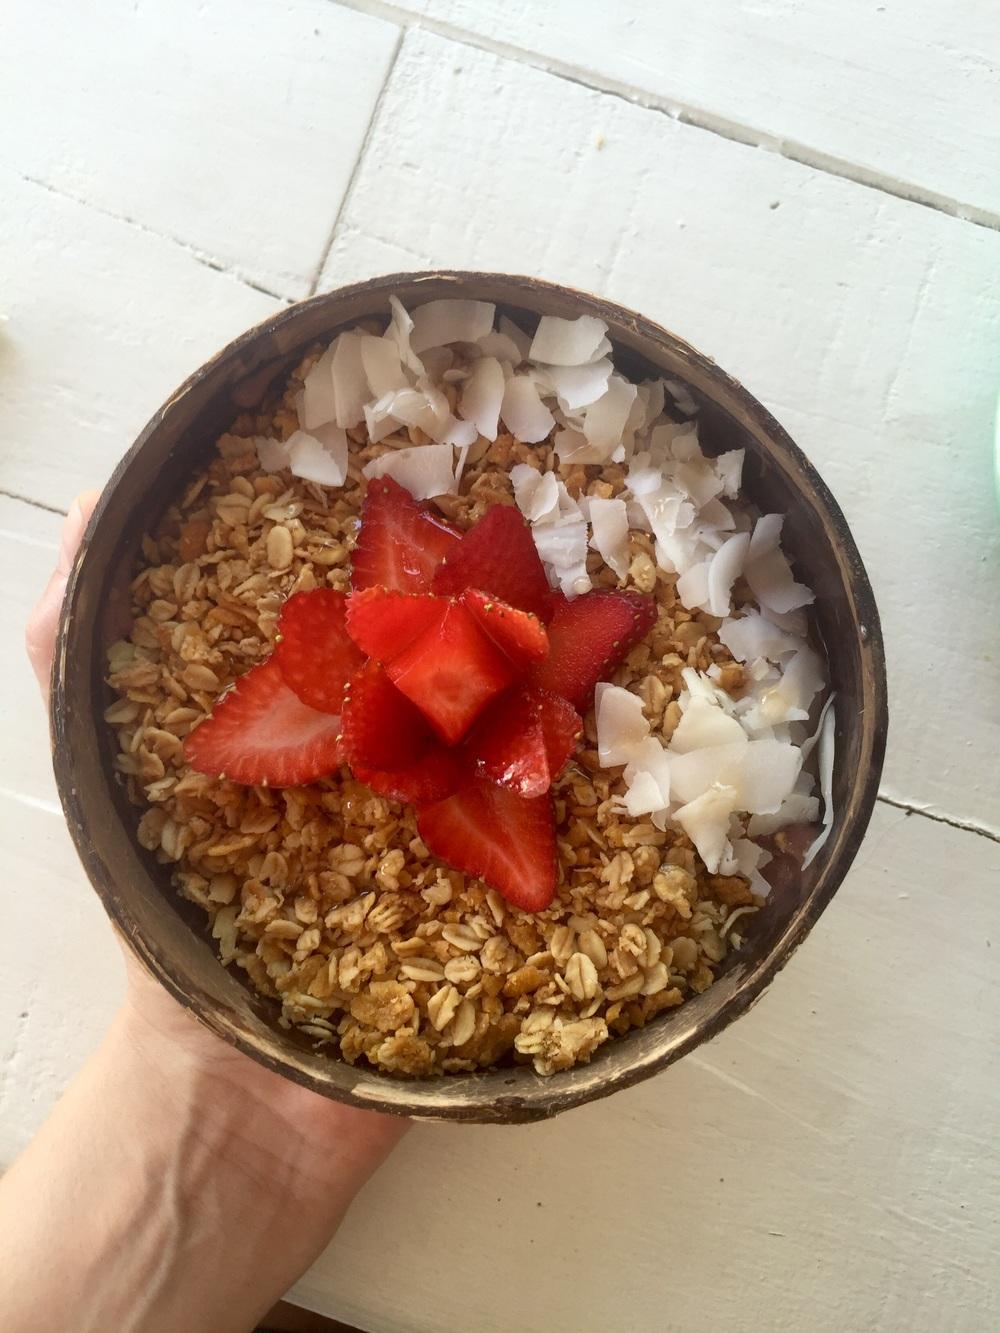 Nalu's Mavericks açai bowl